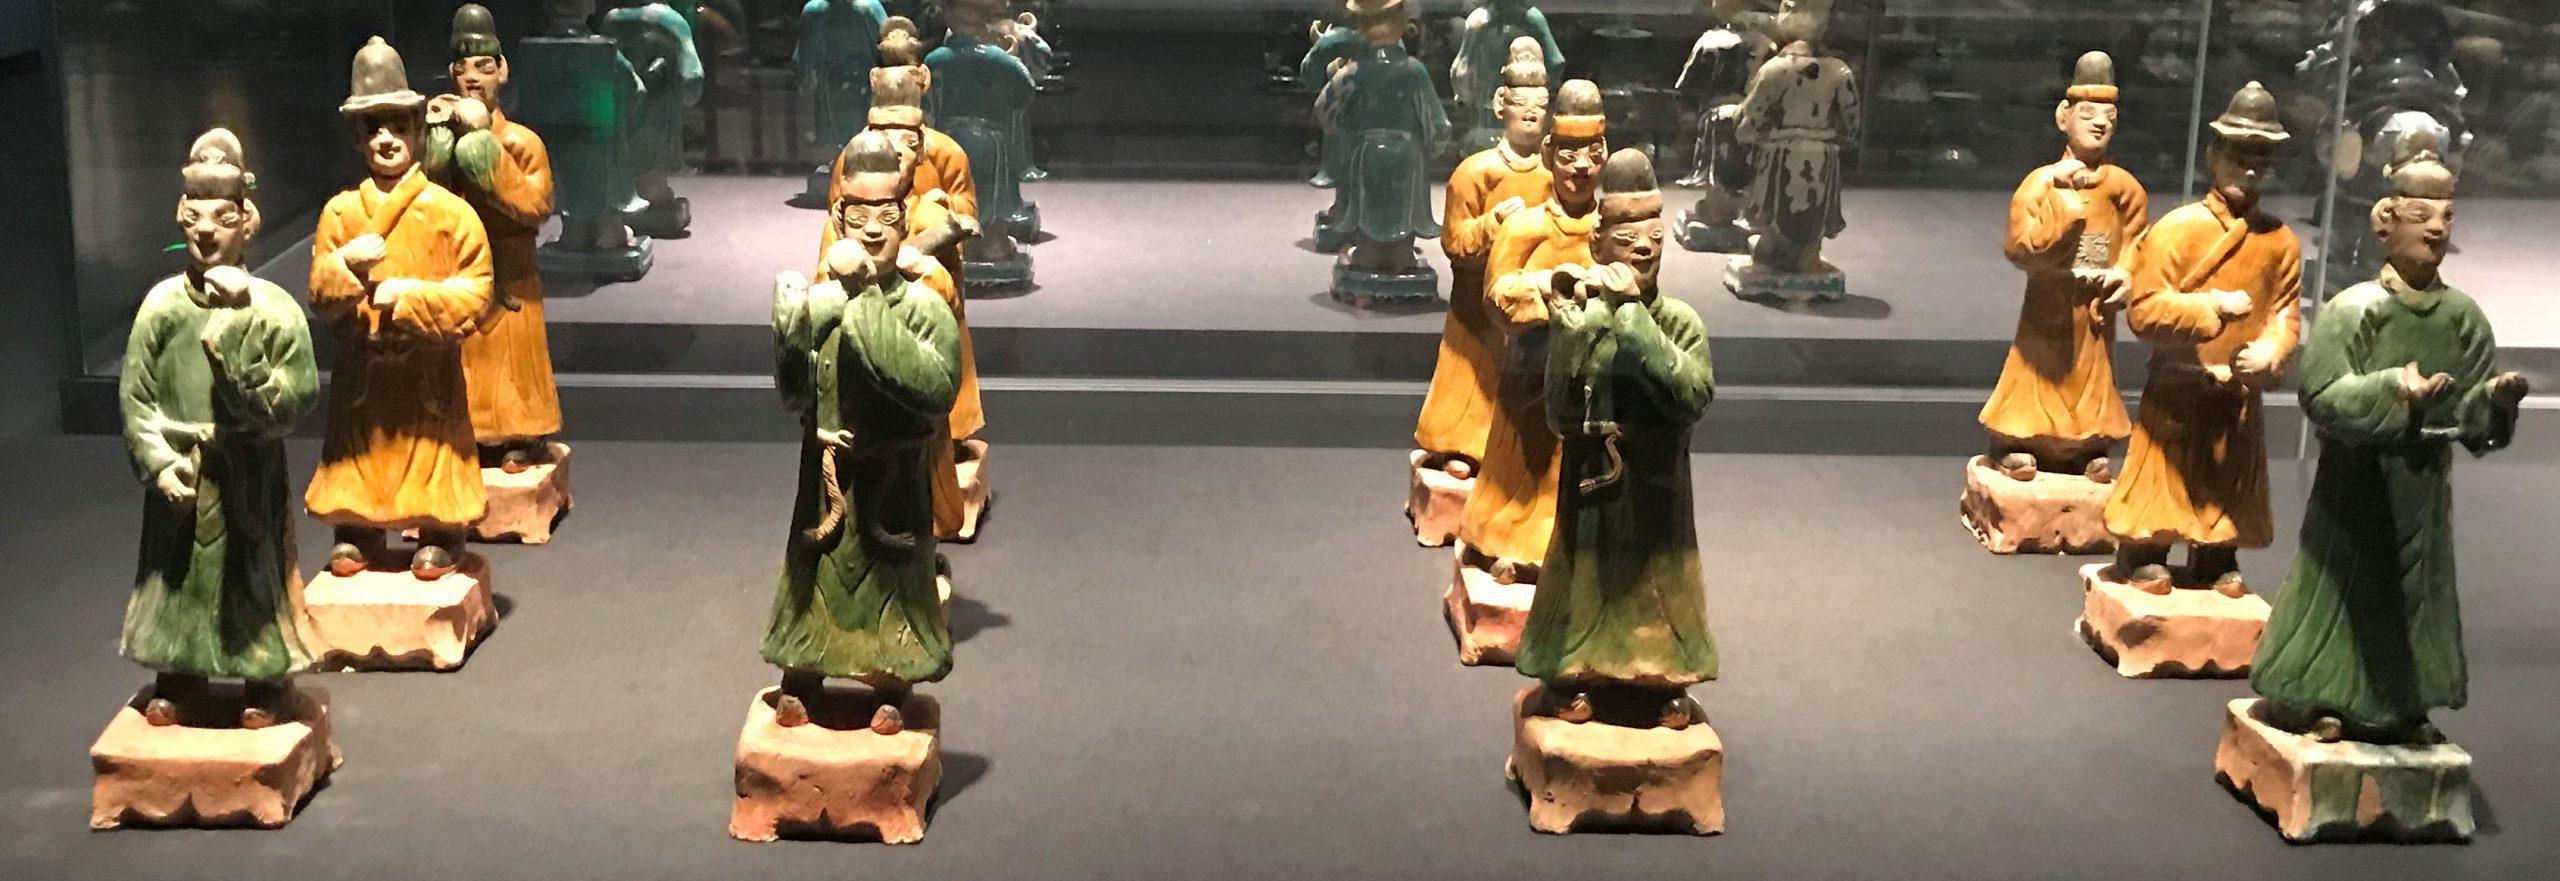 彩釉陶侍從俑2-明清時代-常設展F3-成都博物館